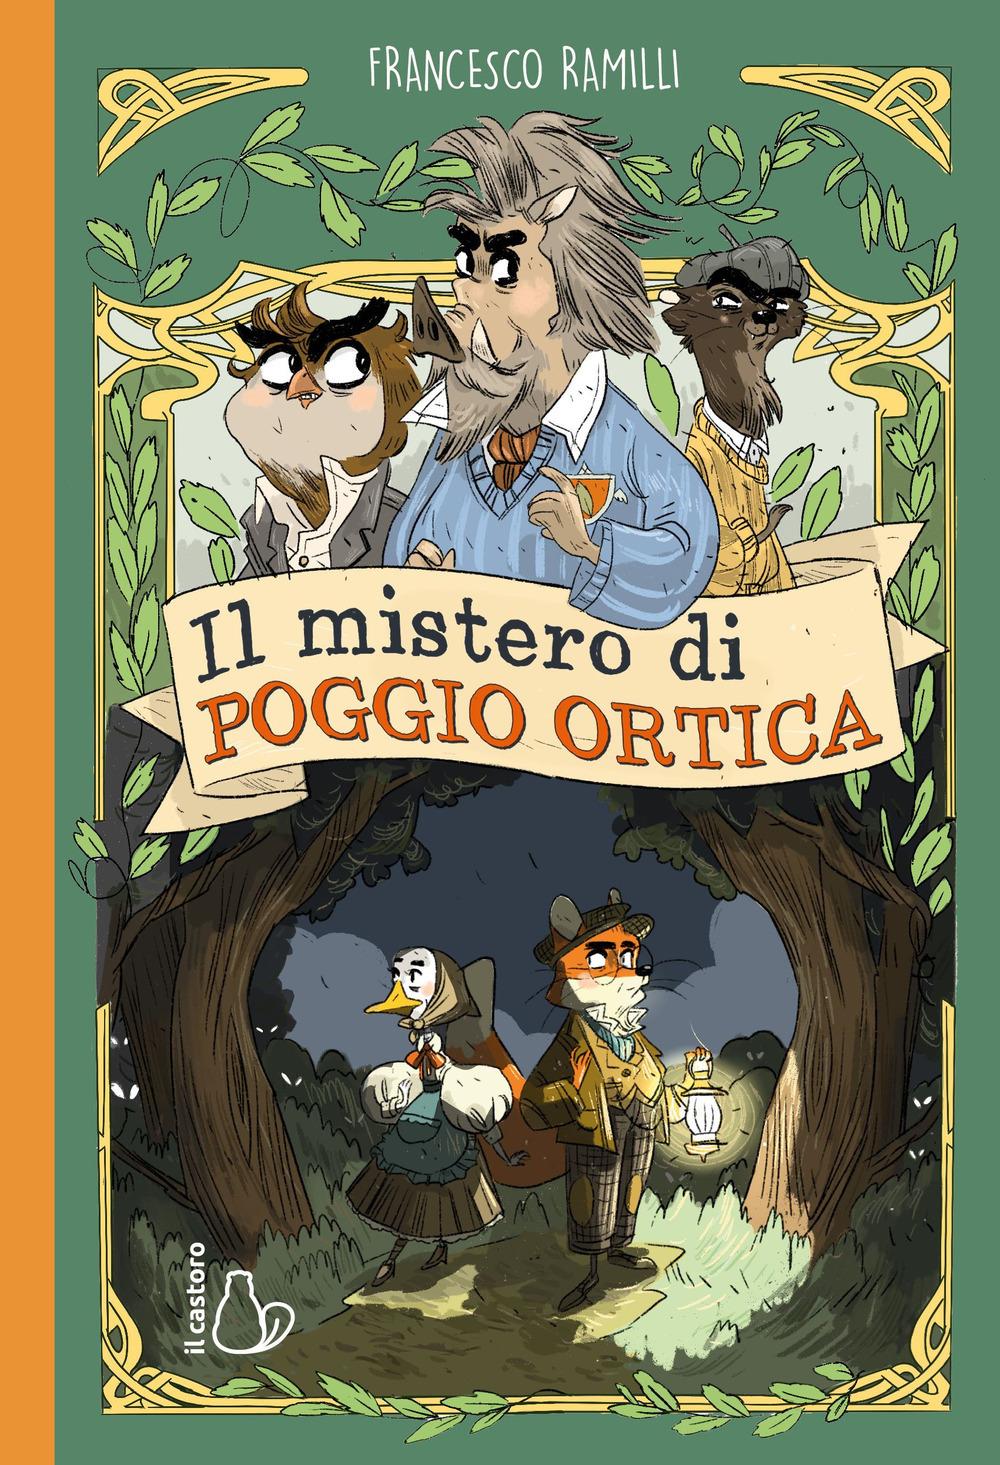 """La copertina del libro """"Il mistero di Poggio Ortica"""", di Francesco Ramilli"""